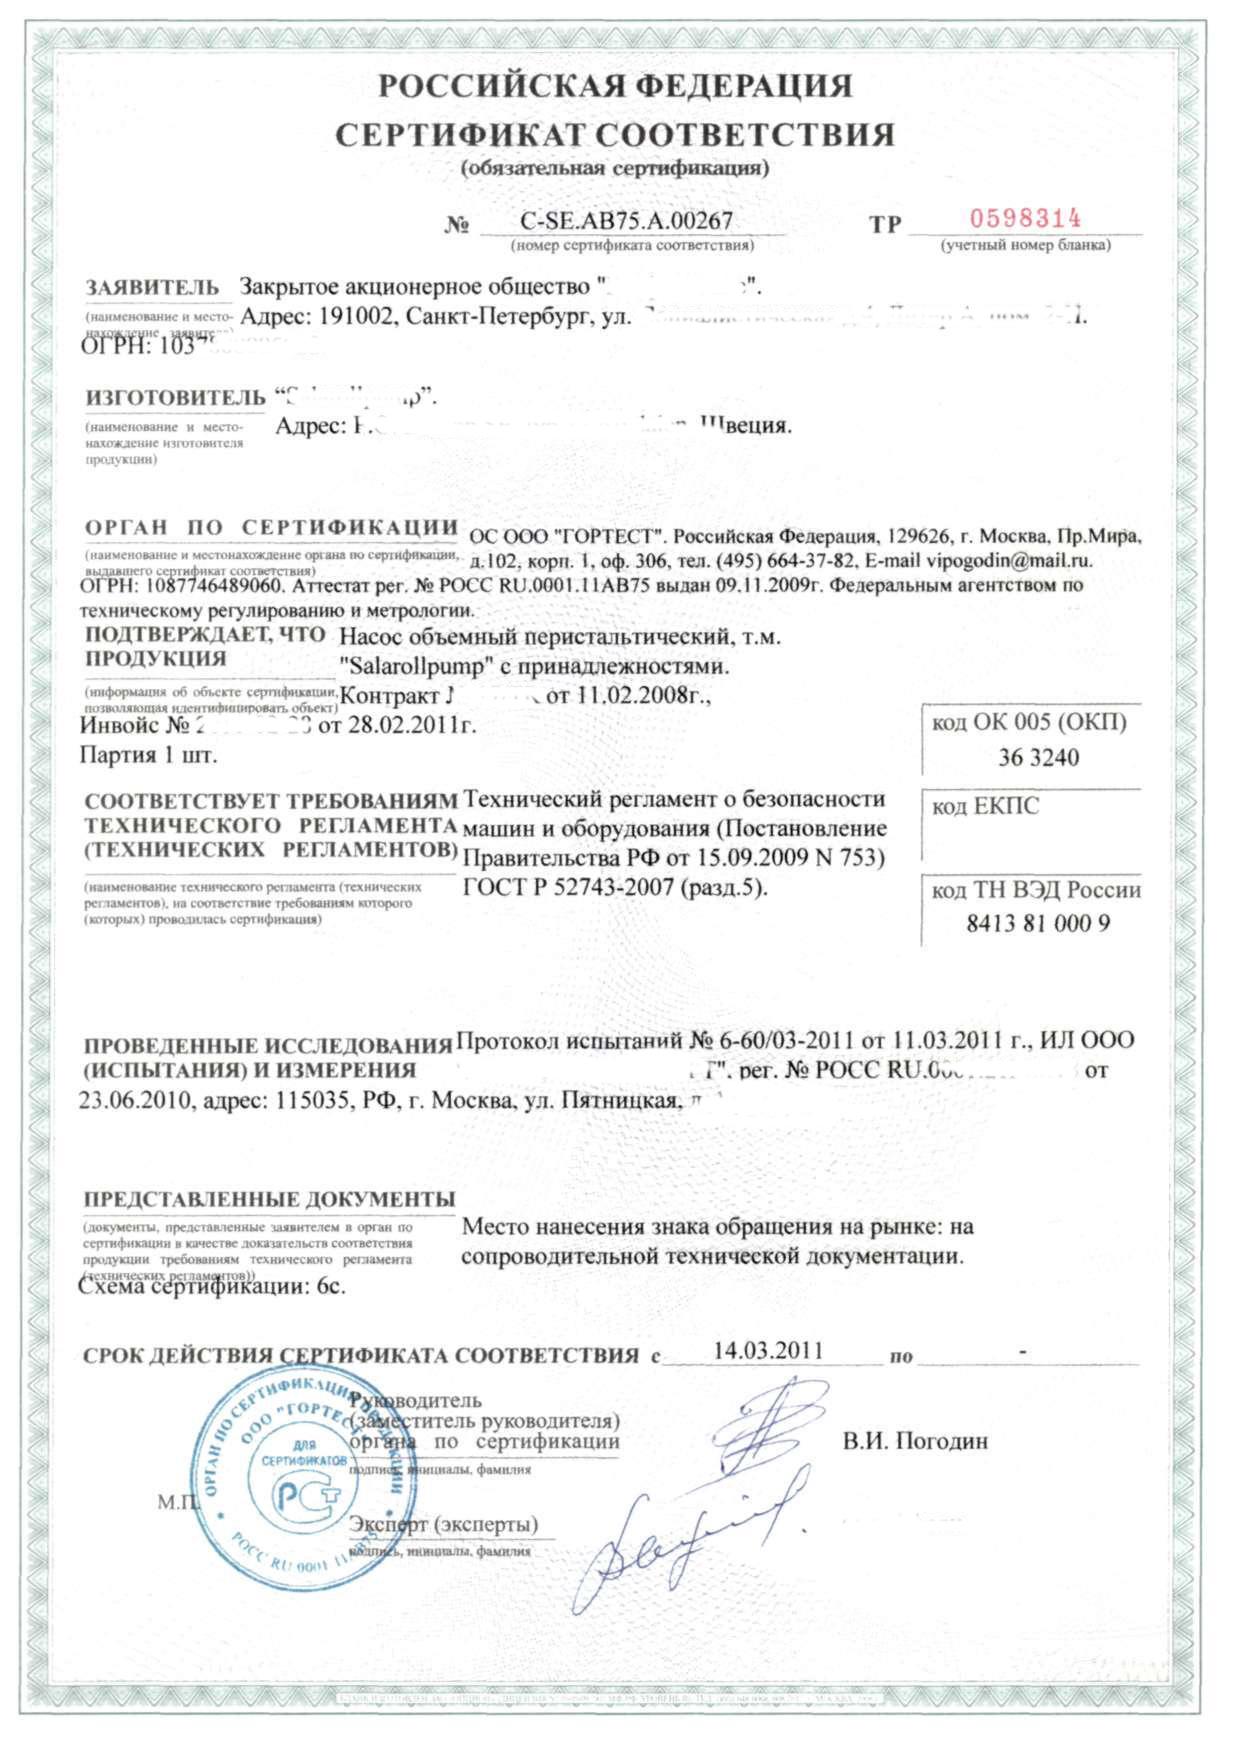 Пустой бланк сертификата соответствия гост р получение сертификата соответствия г нижневартовск